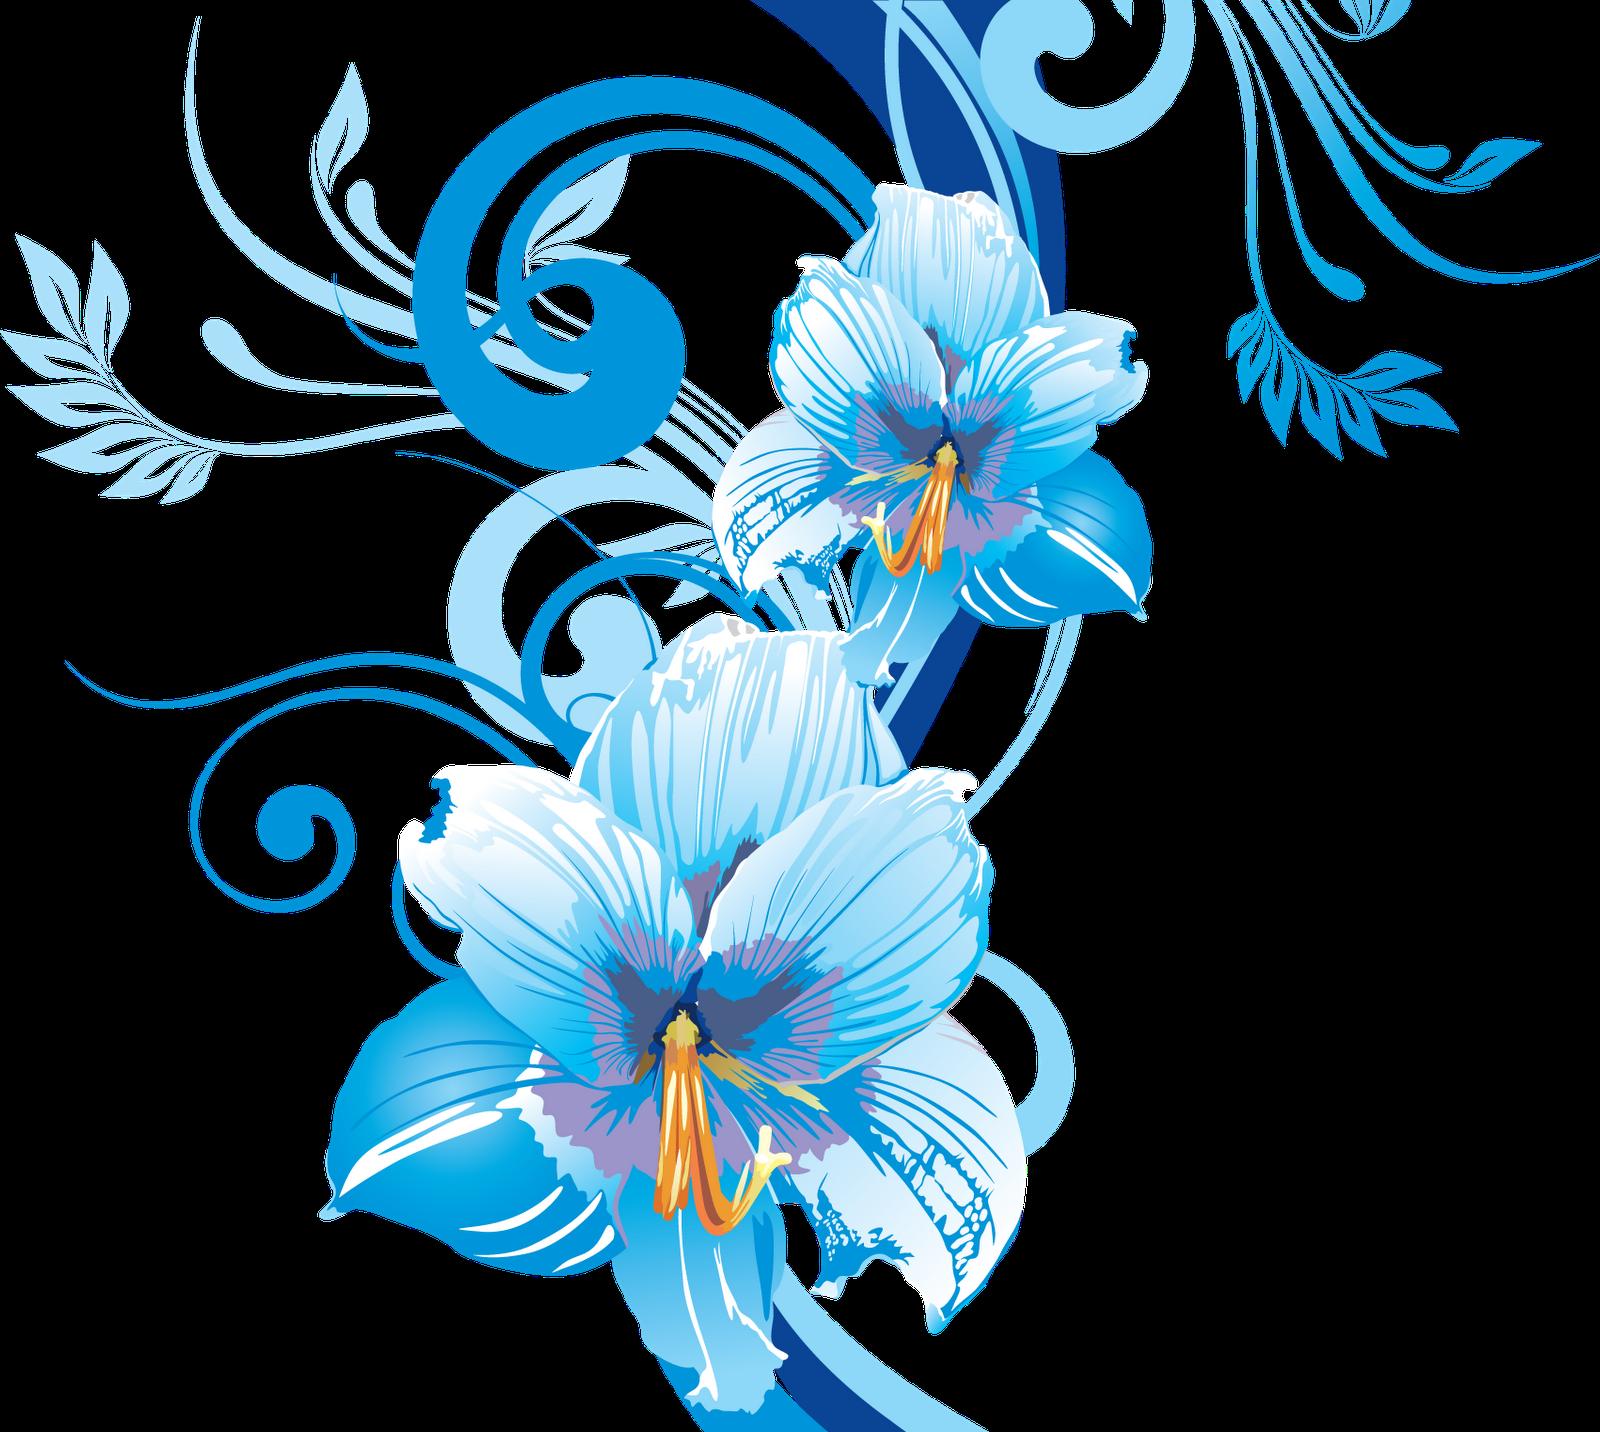 1600x1432 Flowers Vectors Png Transparent Flowers Vectors.png Images. Pluspng